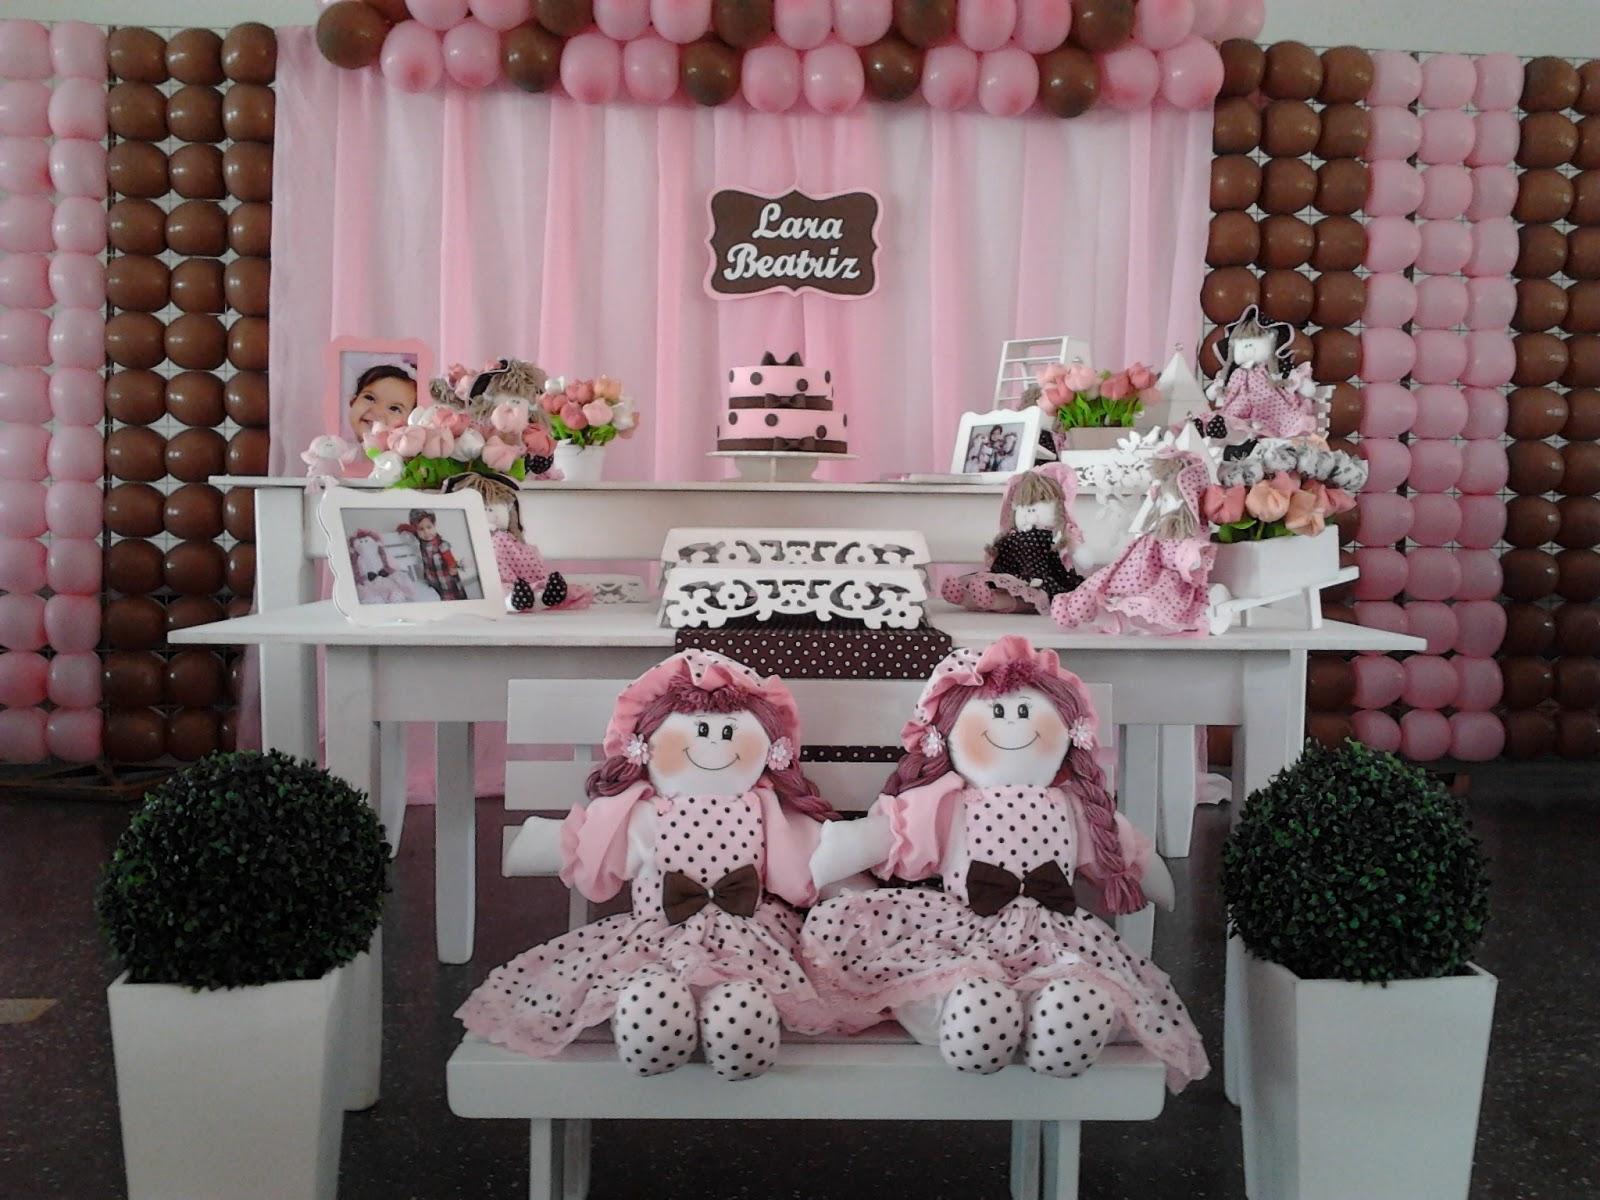 decoração de festa infantil bailarina marrom e rosaa